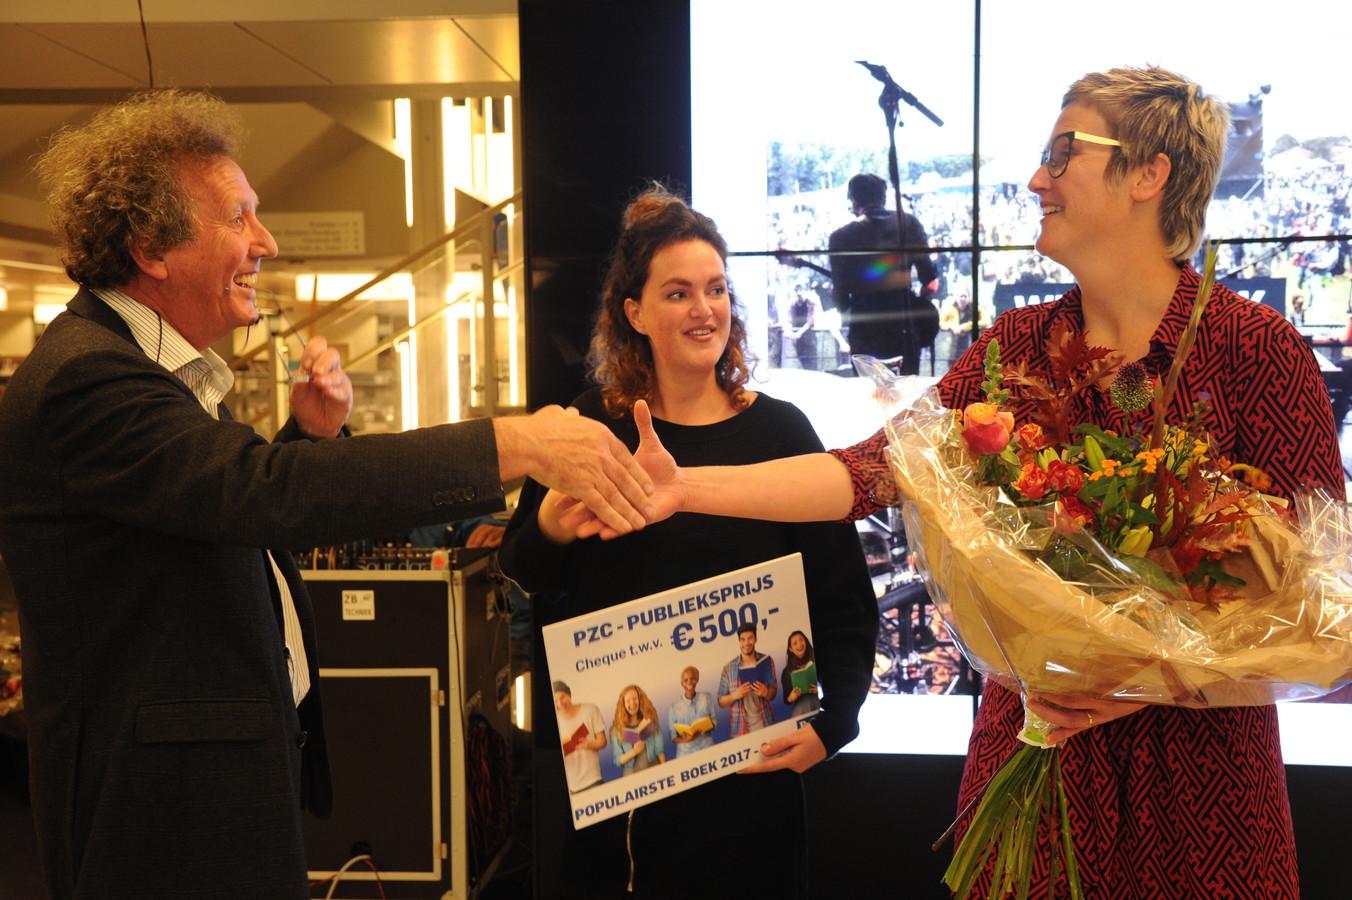 PZC-journalist Jan van Damme overhandigt de PZC-Publieksprijs aan Karlijn de Splenter (midden). Vormgeefster Corinne Lecluyse neemt de bloemen in ontvangst. Het jubileumboek Weitjerock kreeg de meeste stemmen: 368.